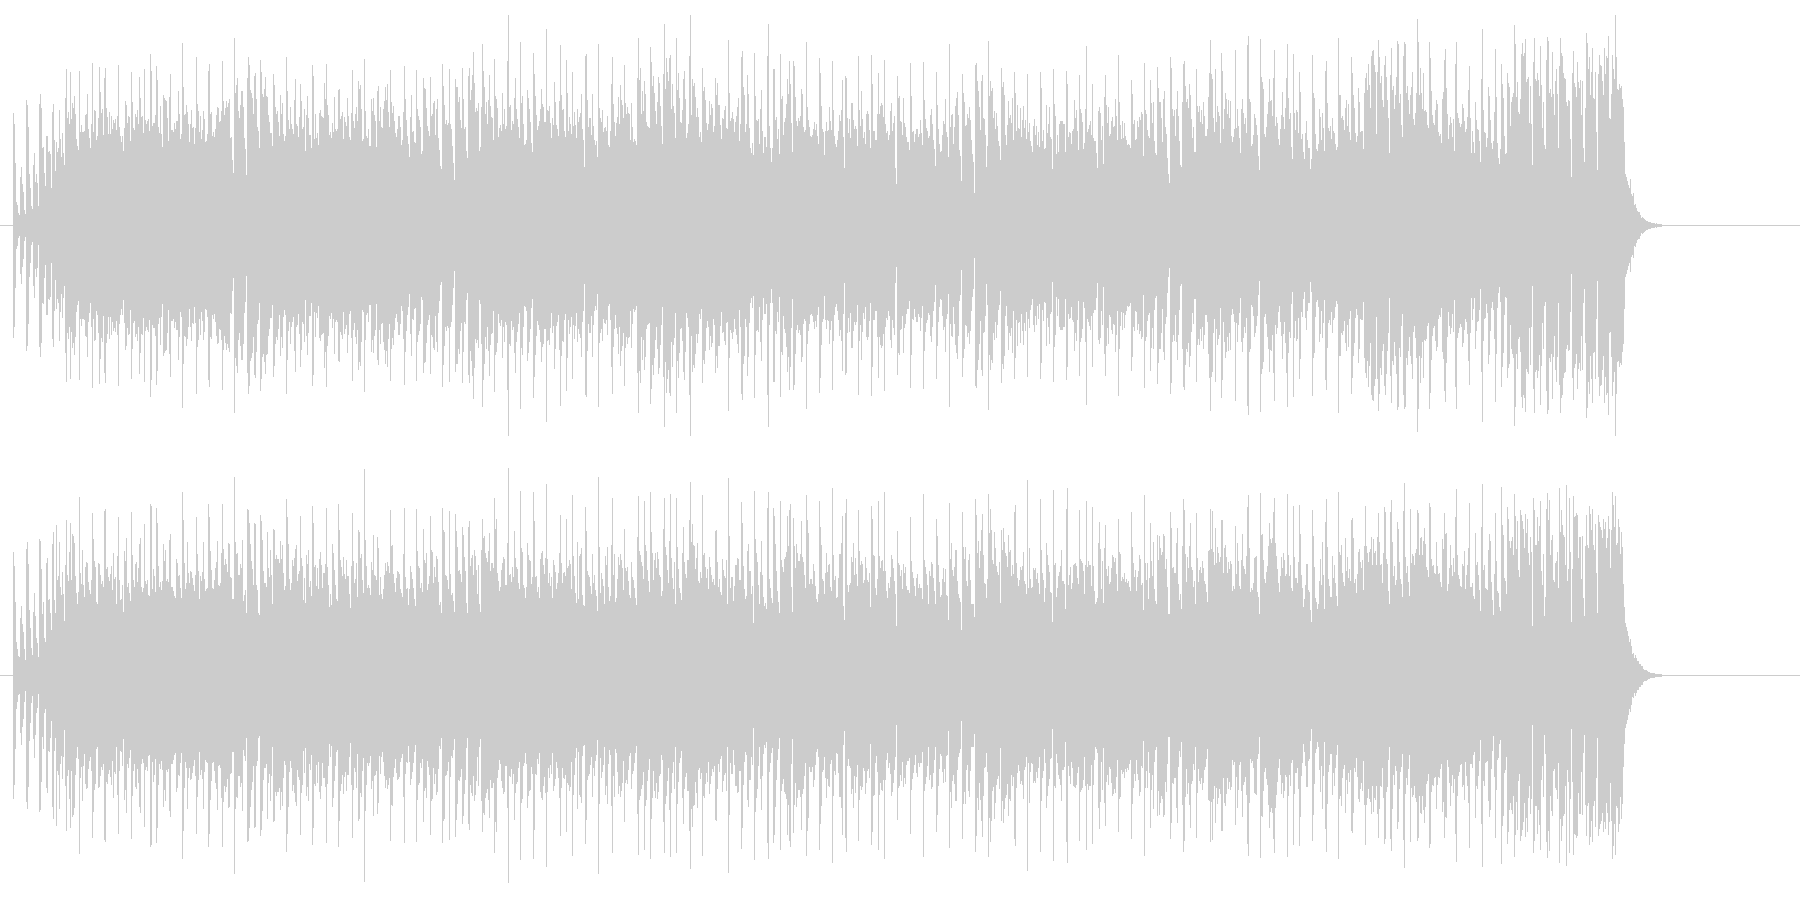 コミカルな弾むリズムのバラエティポップスの未再生の波形